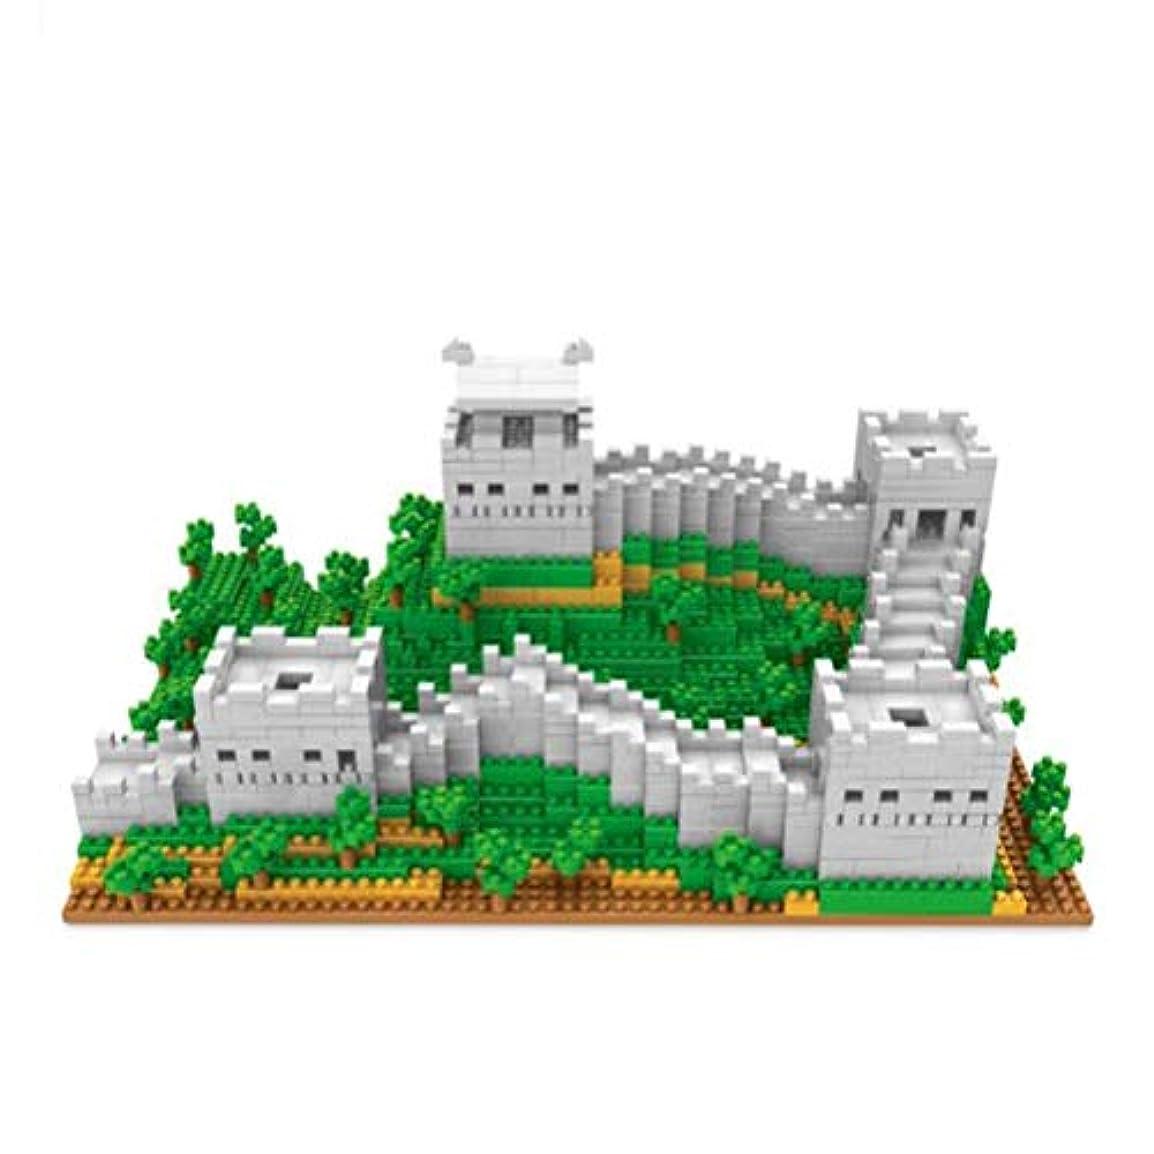 糞翻訳突破口教育玩具ミニビルディングブロックナノレンガ、ダイヤモンド粒子建物万里の長城モデル